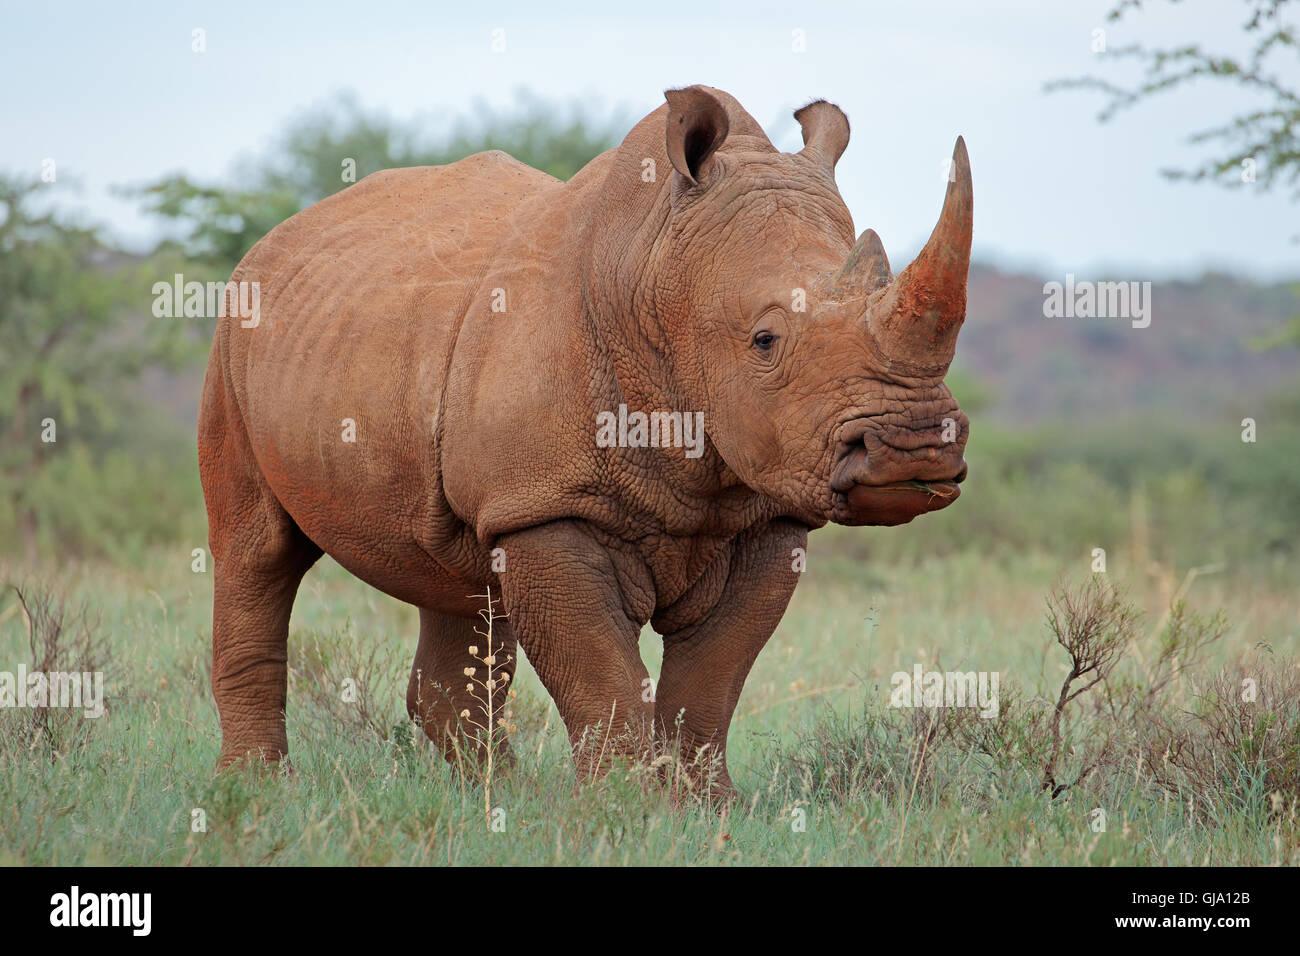 A white rhinoceros (Ceratotherium simum) in natural habitat, South Africa - Stock Image